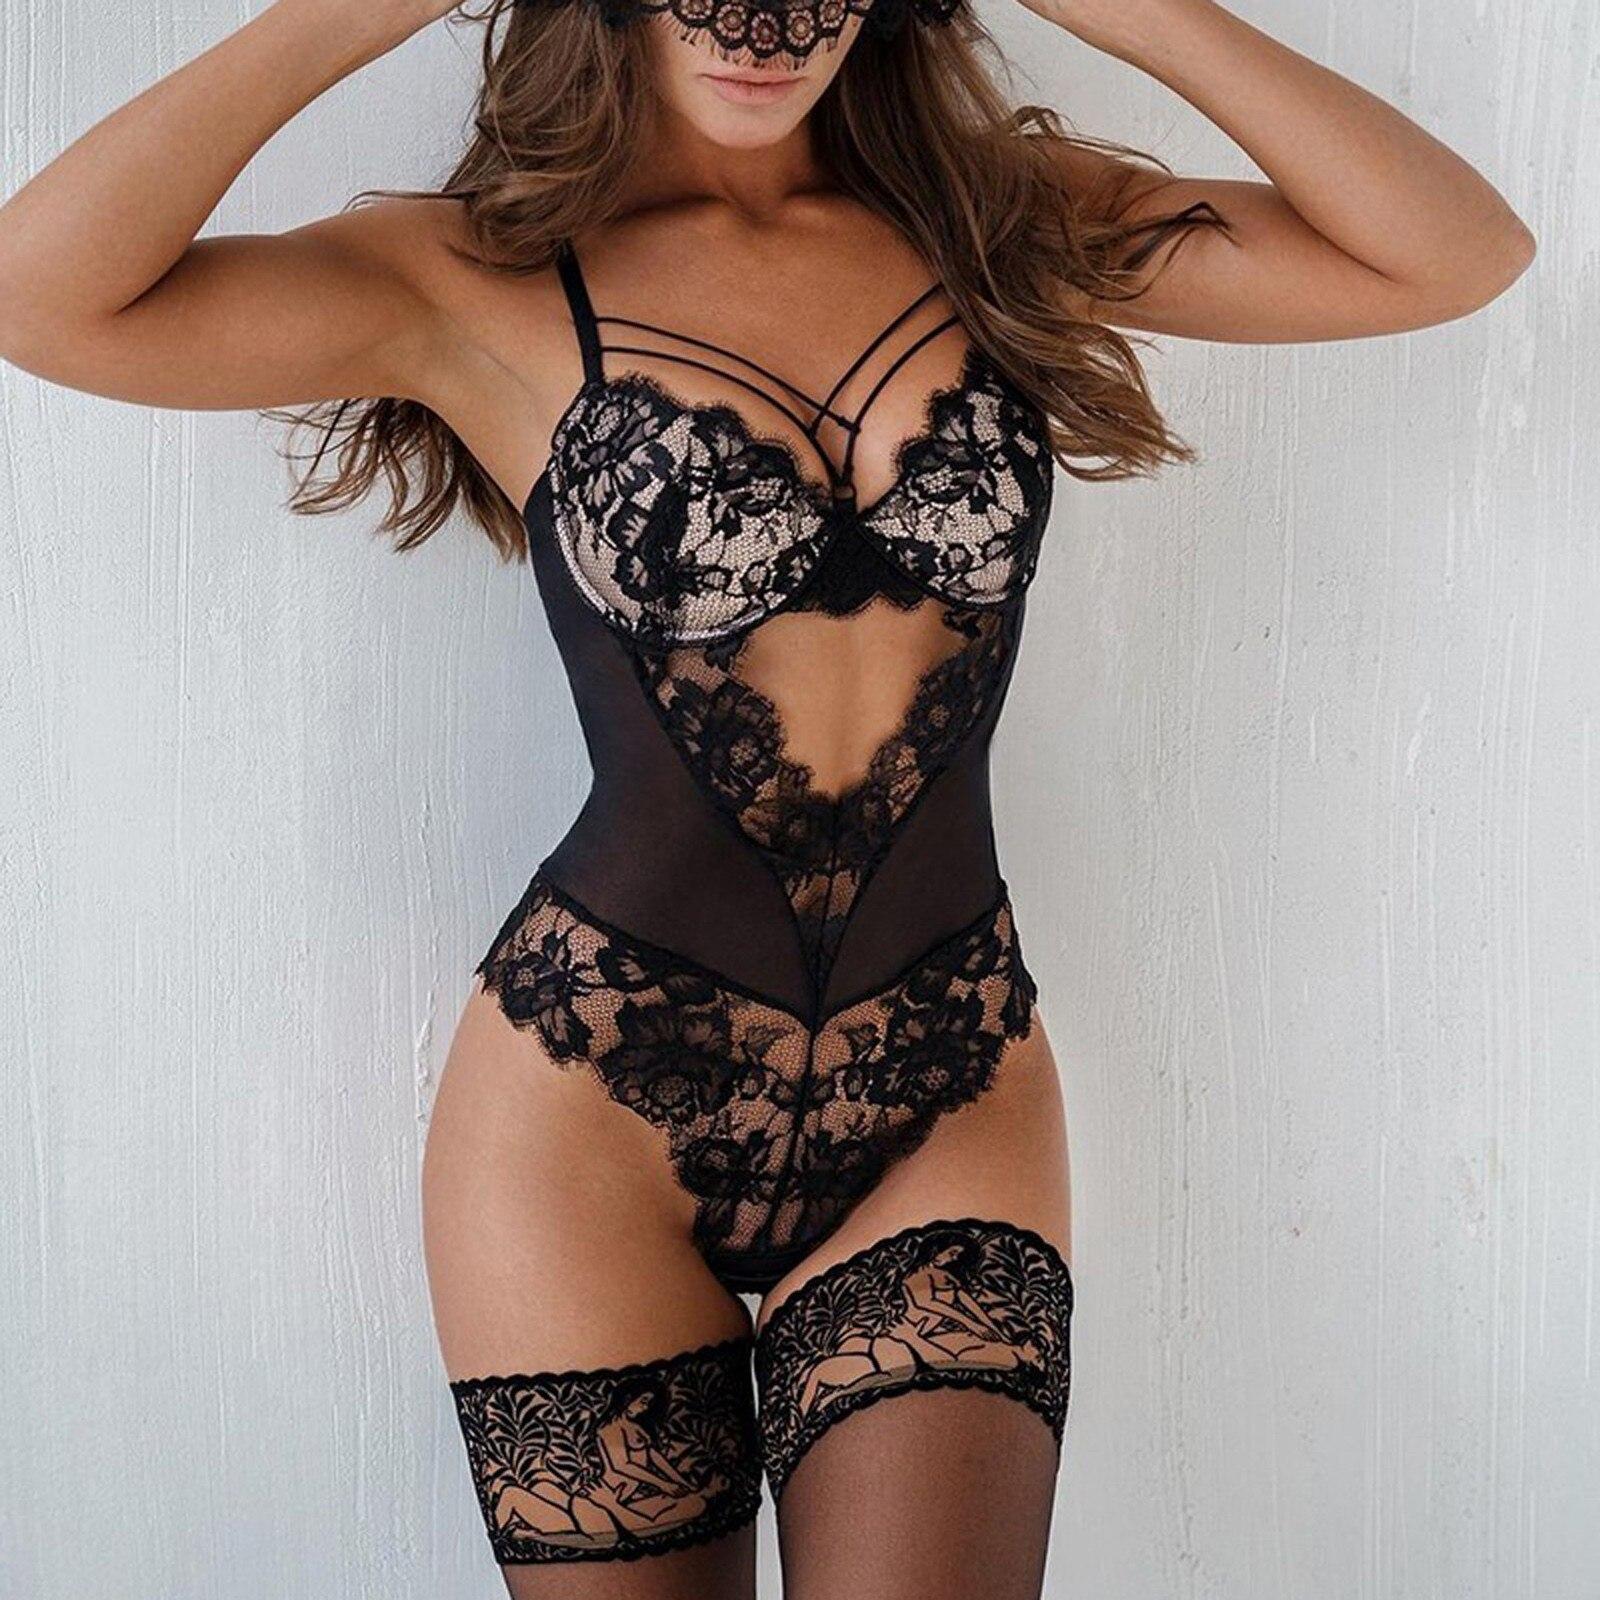 Body érotique en lingerie brodée